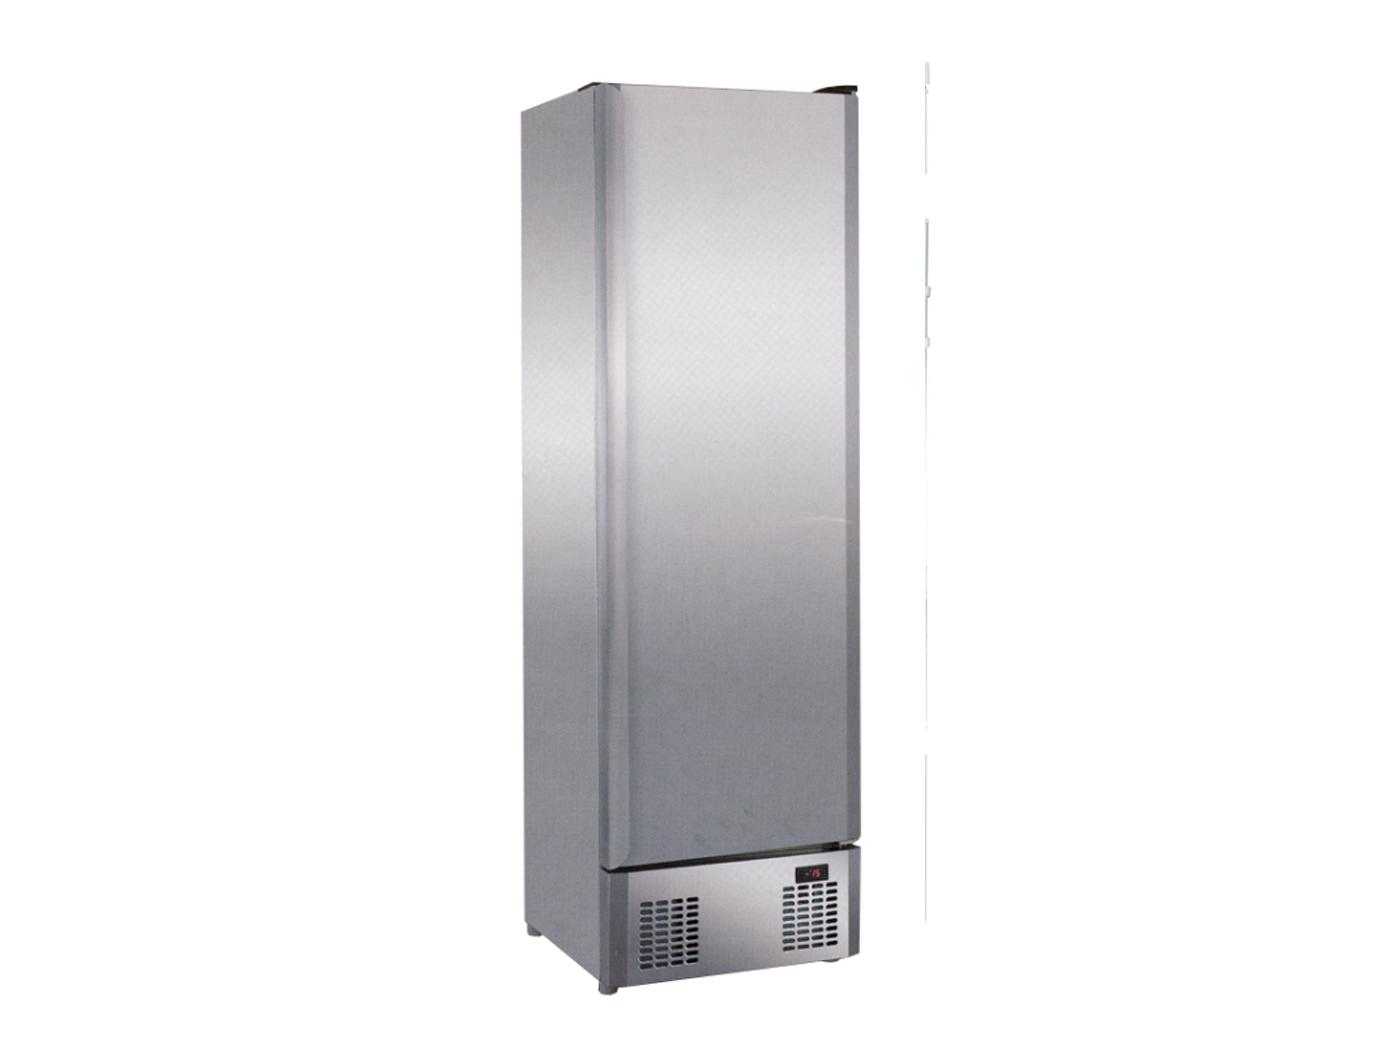 Kühlschrank Edelstahl : Gastro edelstahl kühlschrank ohne gefrierfach °c °c profi